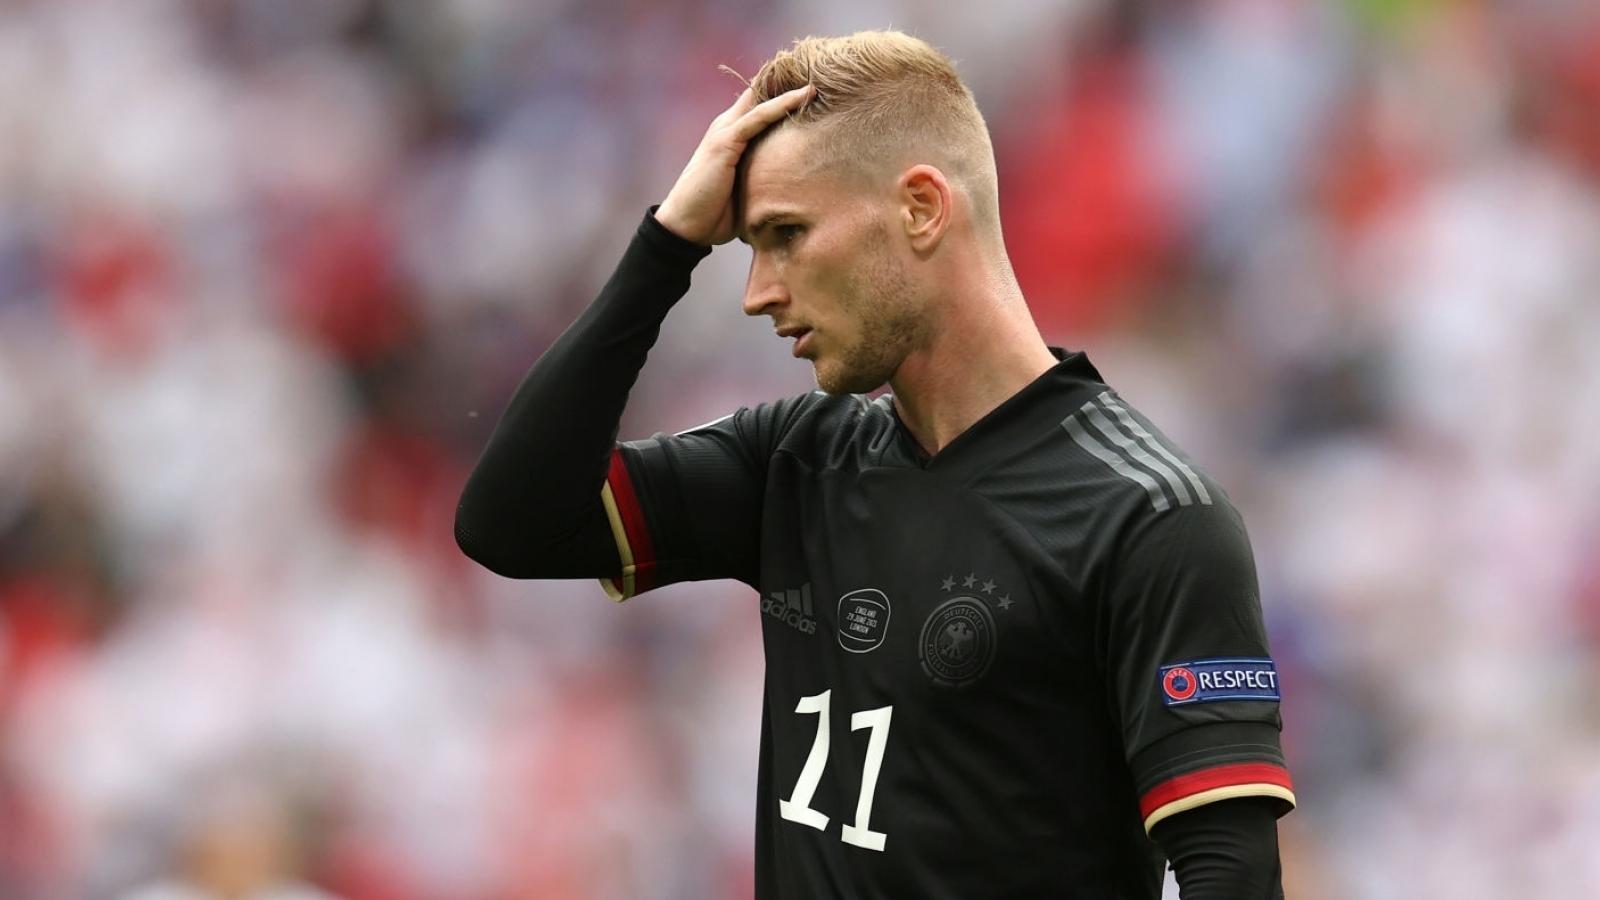 Chuyển nhượng 19/7: Chelsea tính bán Timo Werner, Real Madrid nhắm Dalot